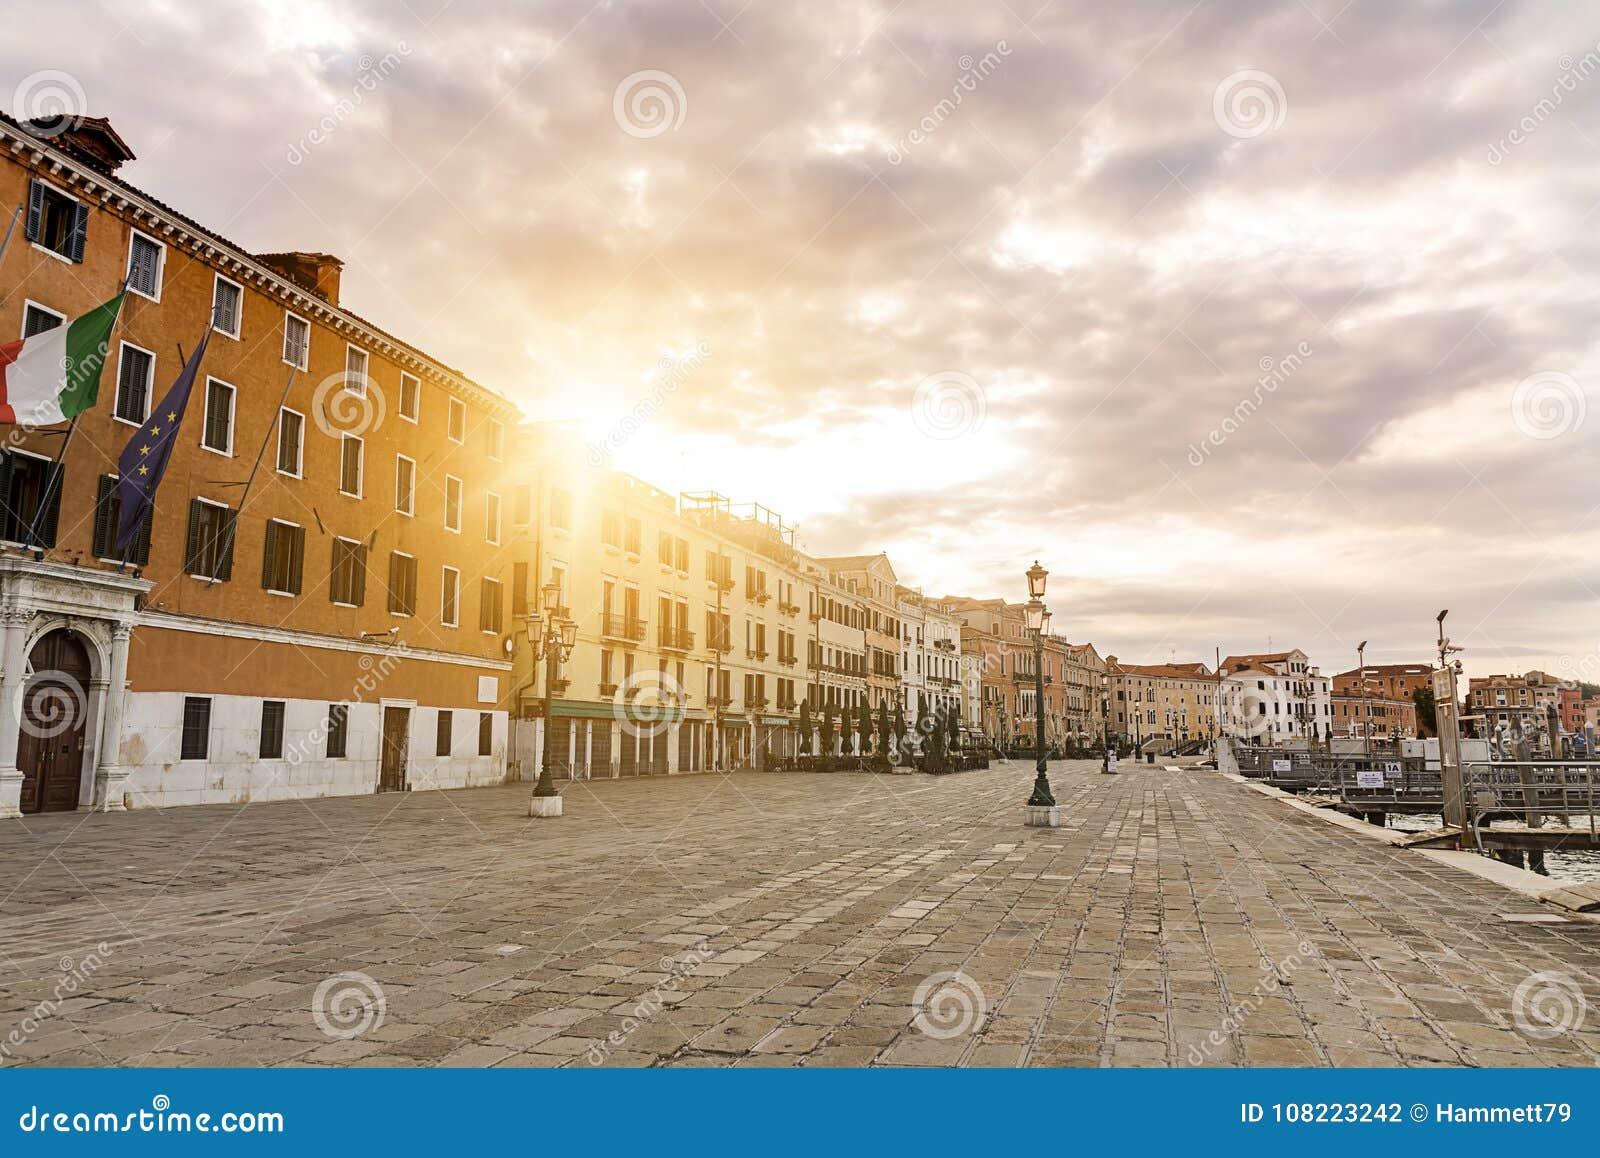 Venise italie dans le soleil de matin photo stock image for Dans italien